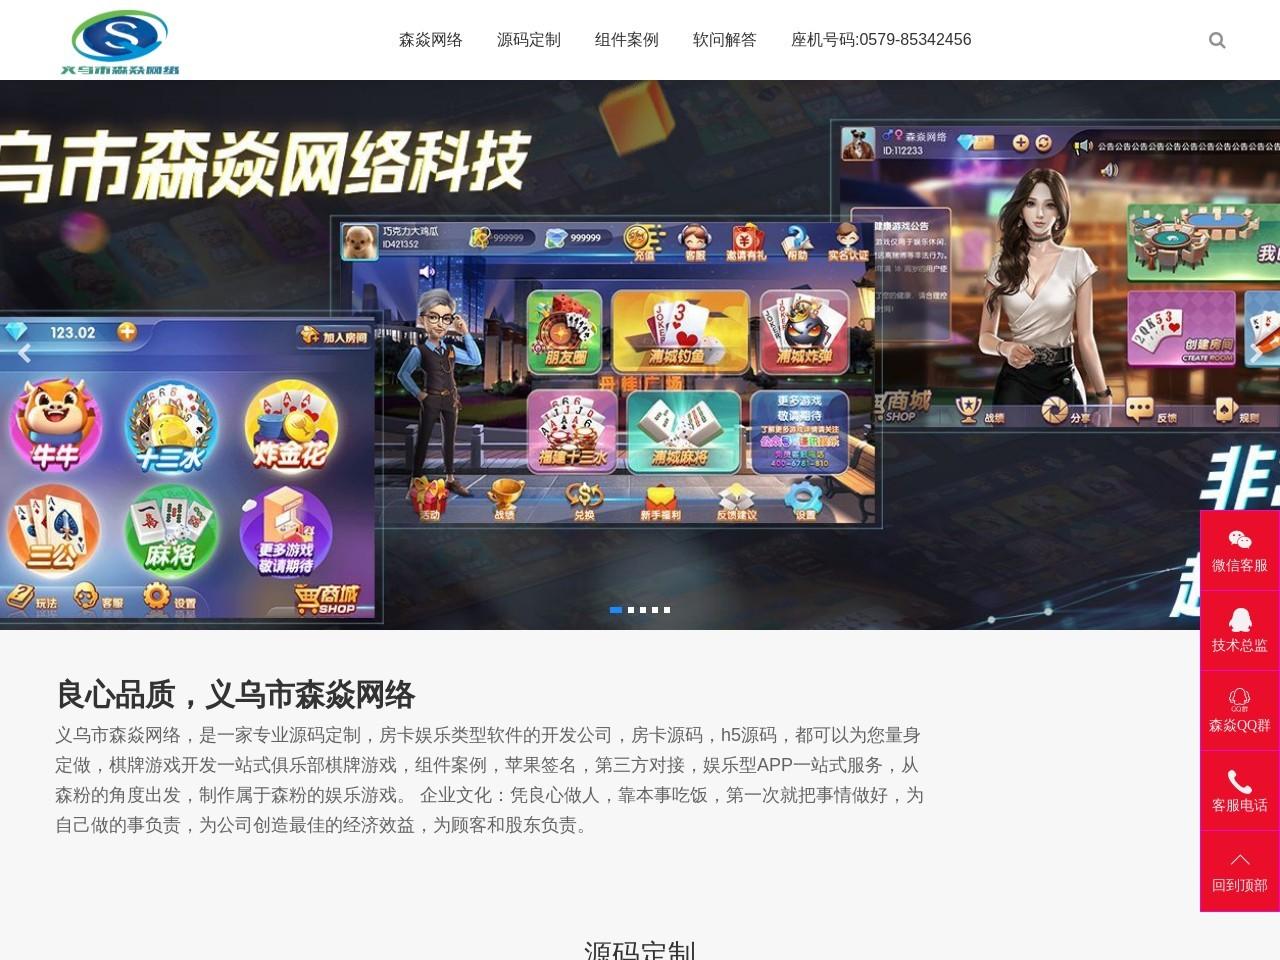 义乌市森焱网络